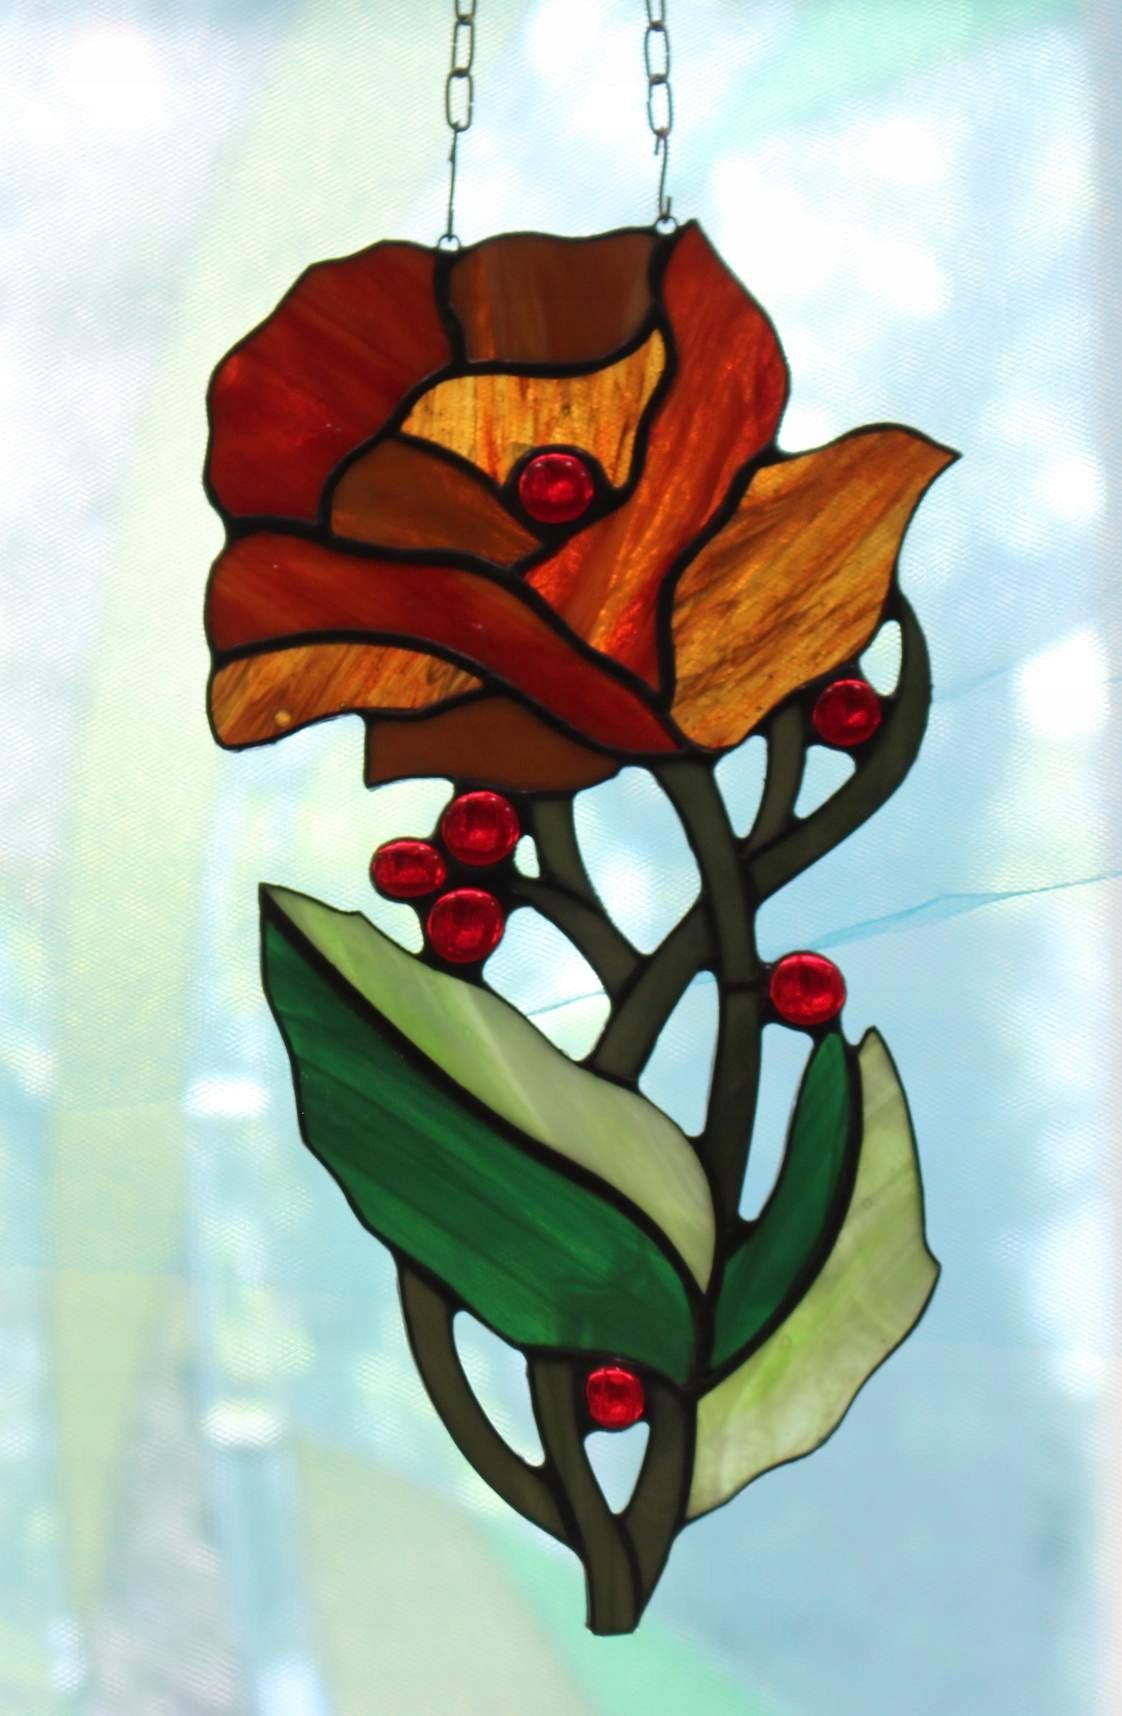 Витраж цветок на женский день, день матери, бабушкин подарок